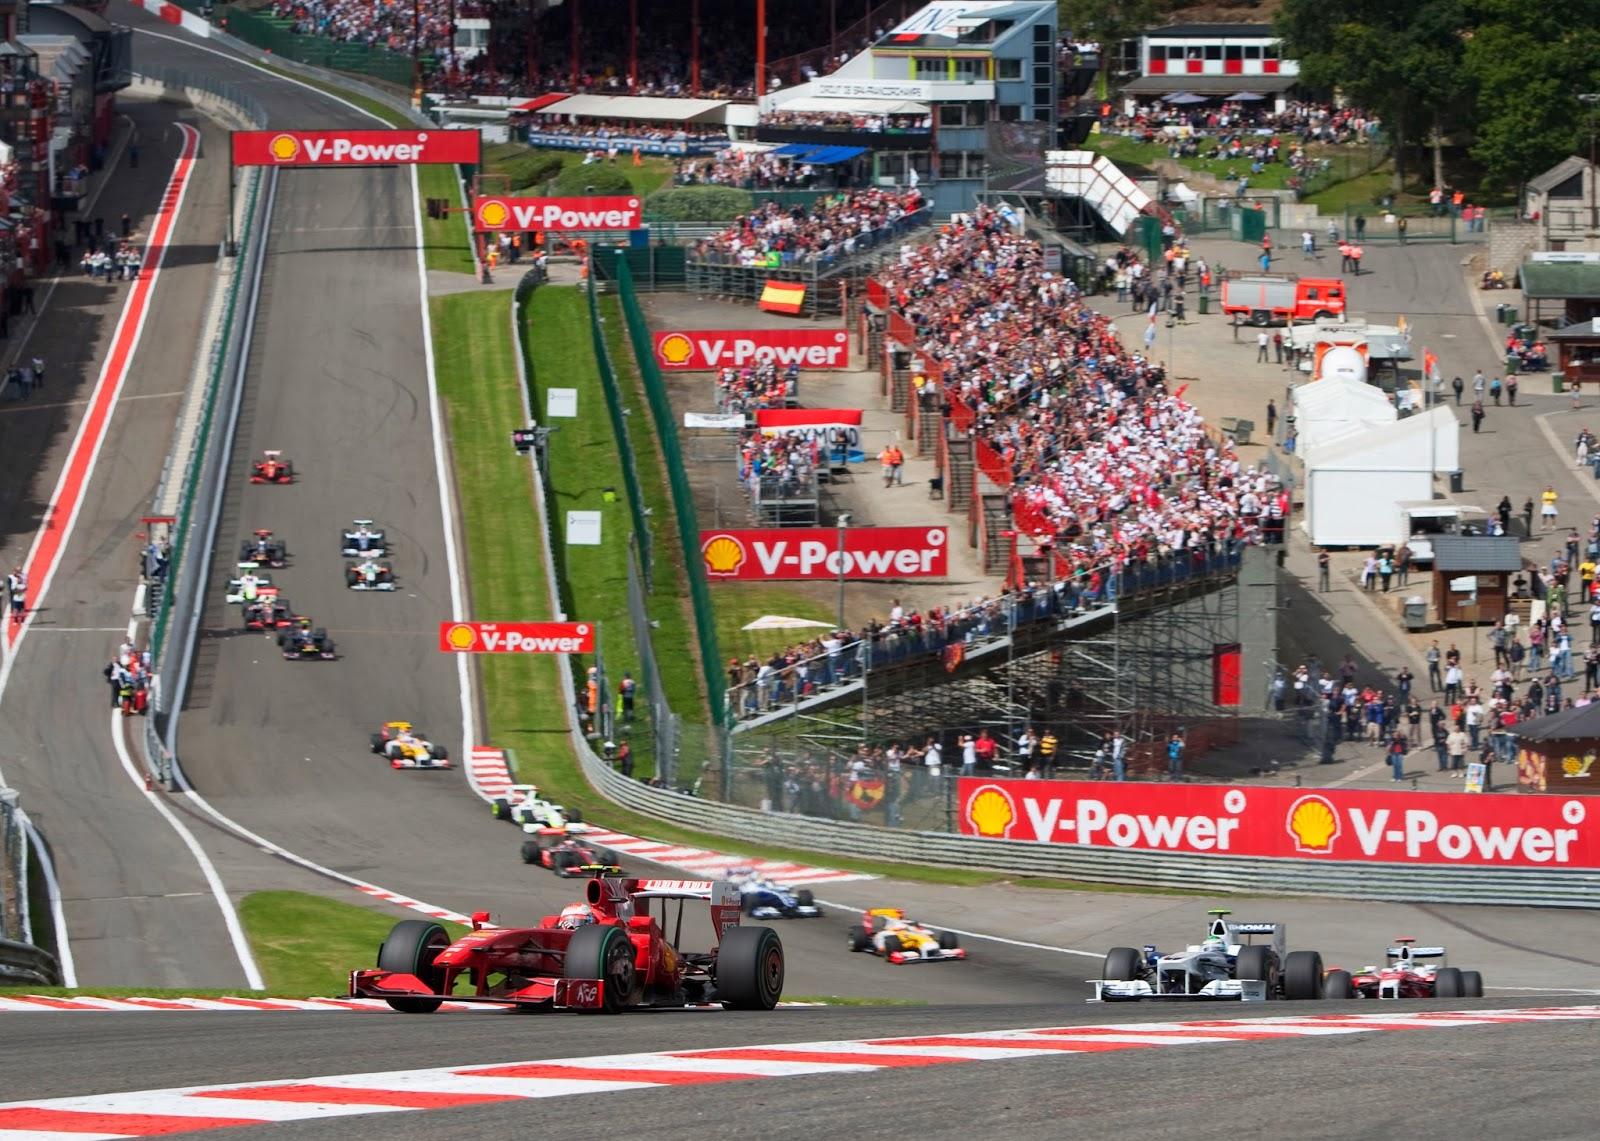 Circuito Spa : F1 dimension: circuiti f1: spa francorchamps